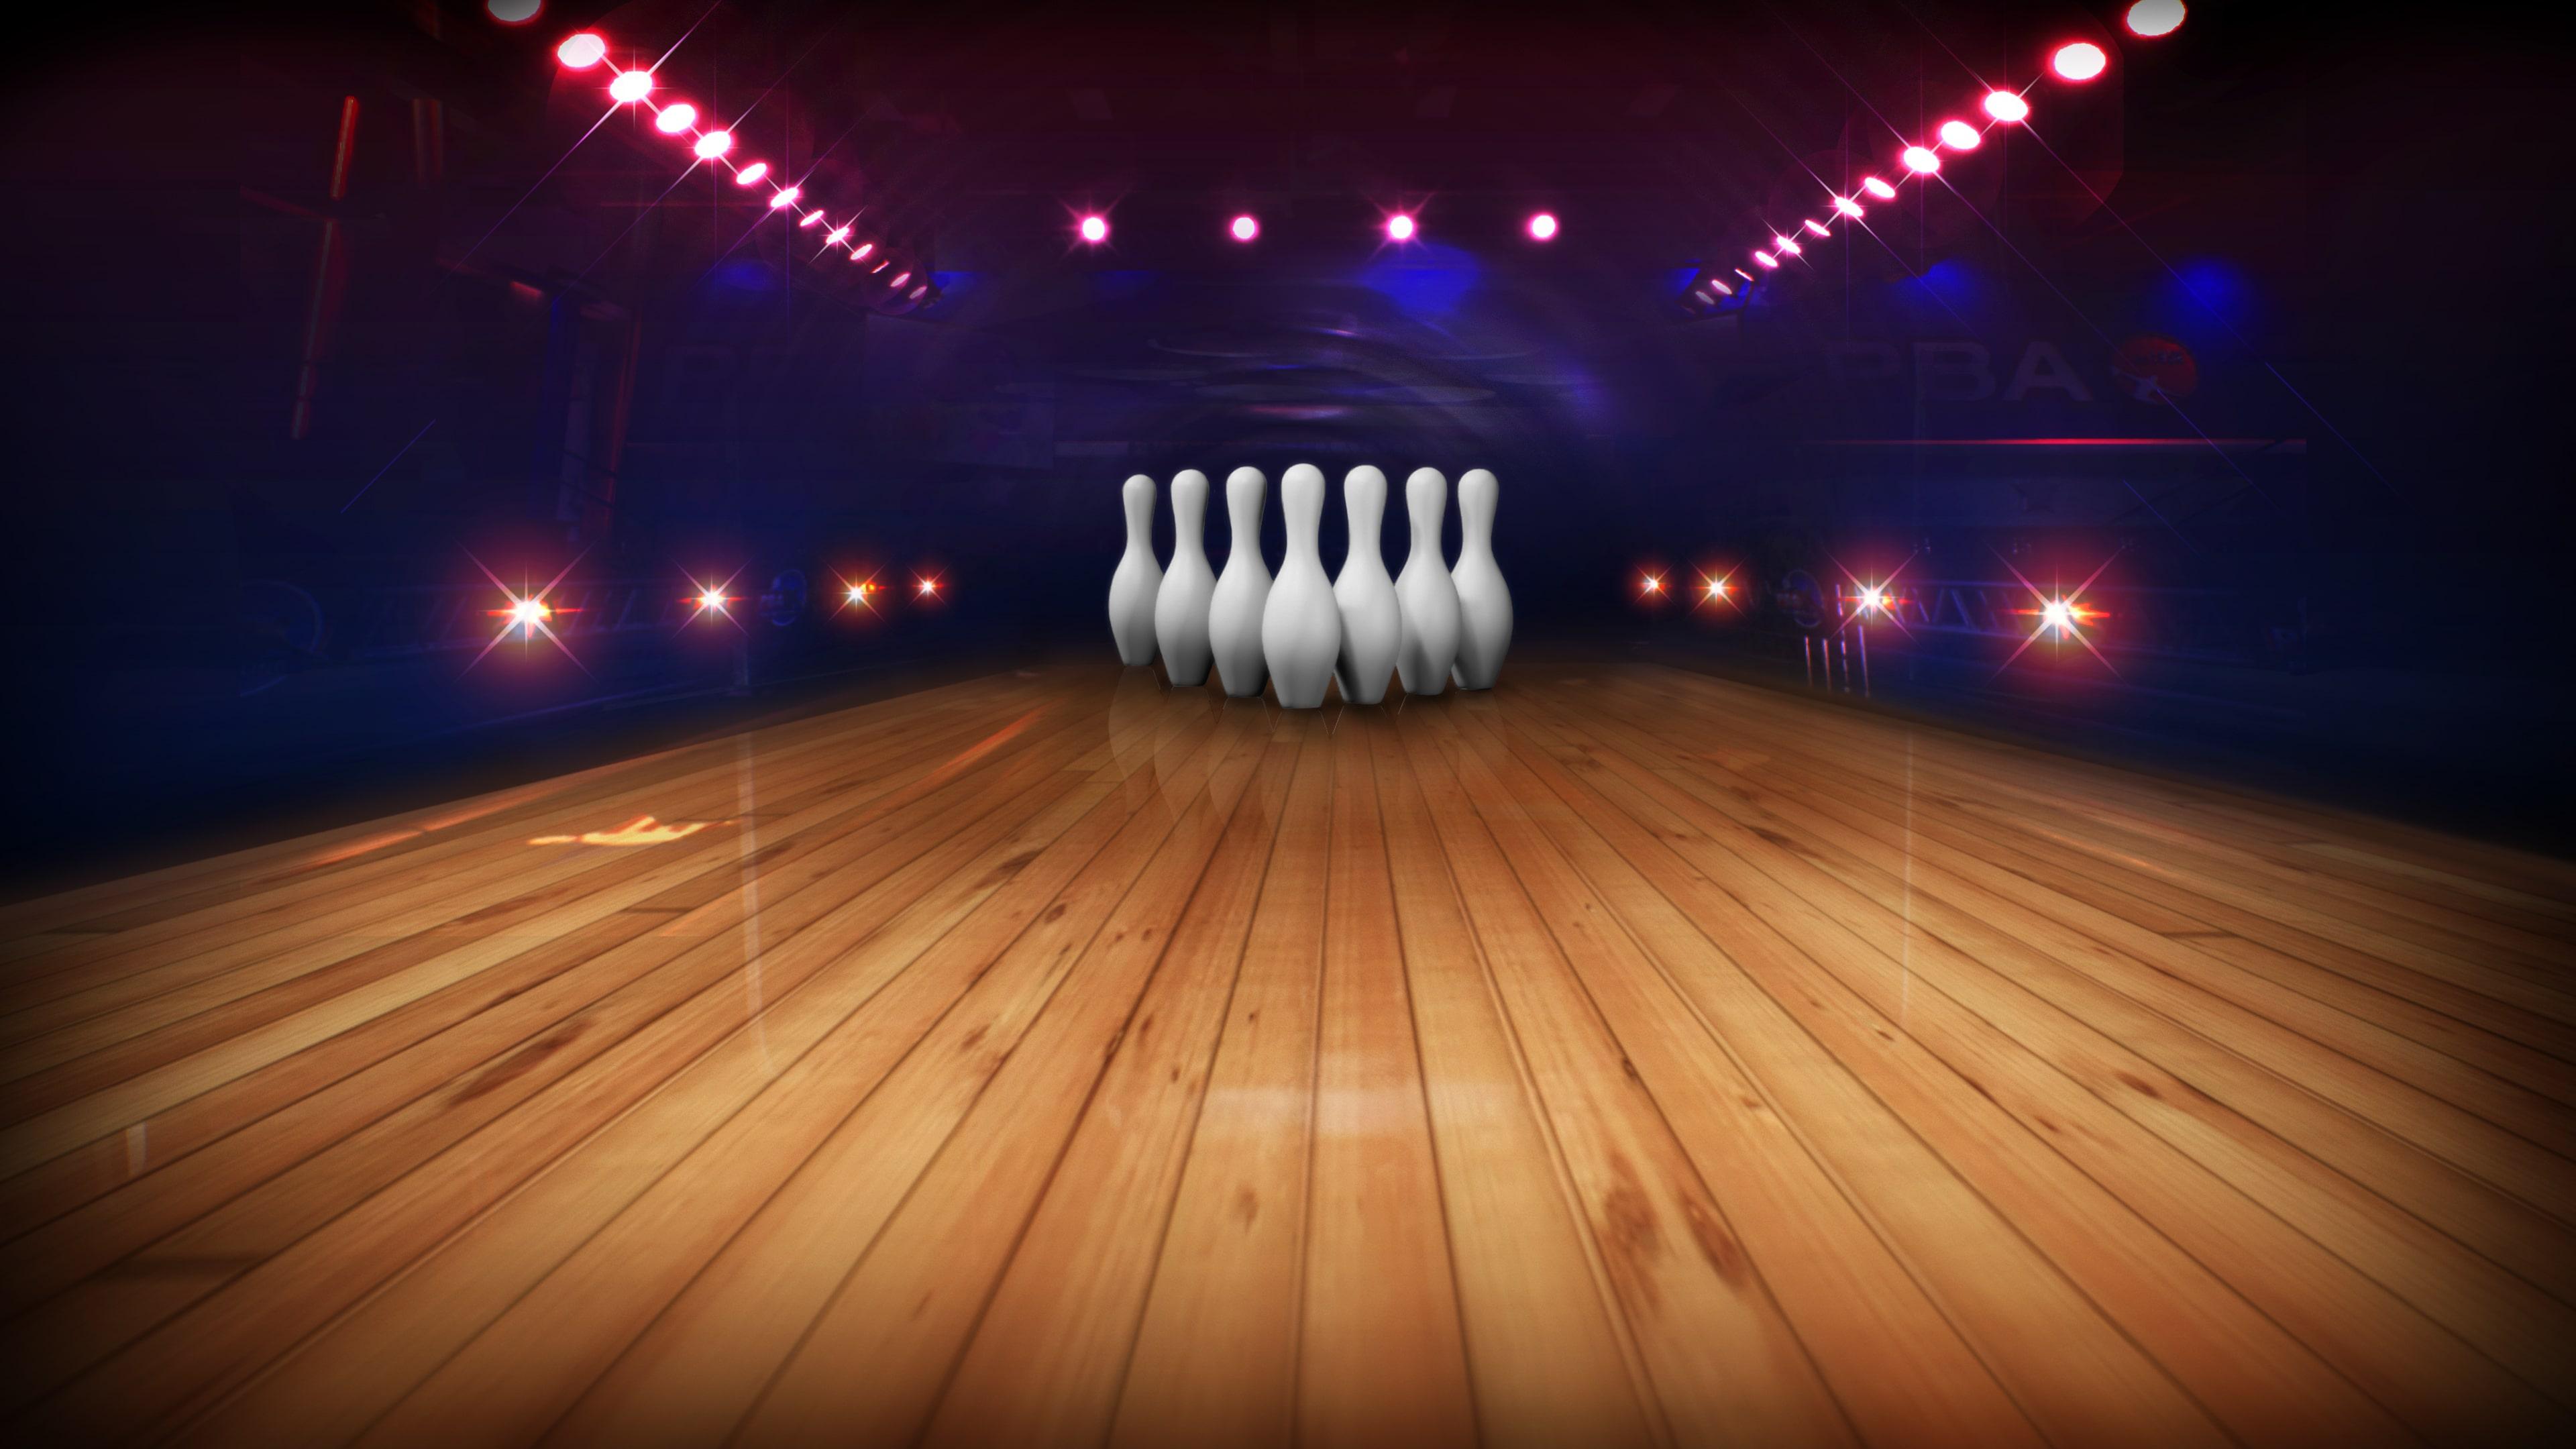 PBA Pro Bowling: 100 Gold Pins